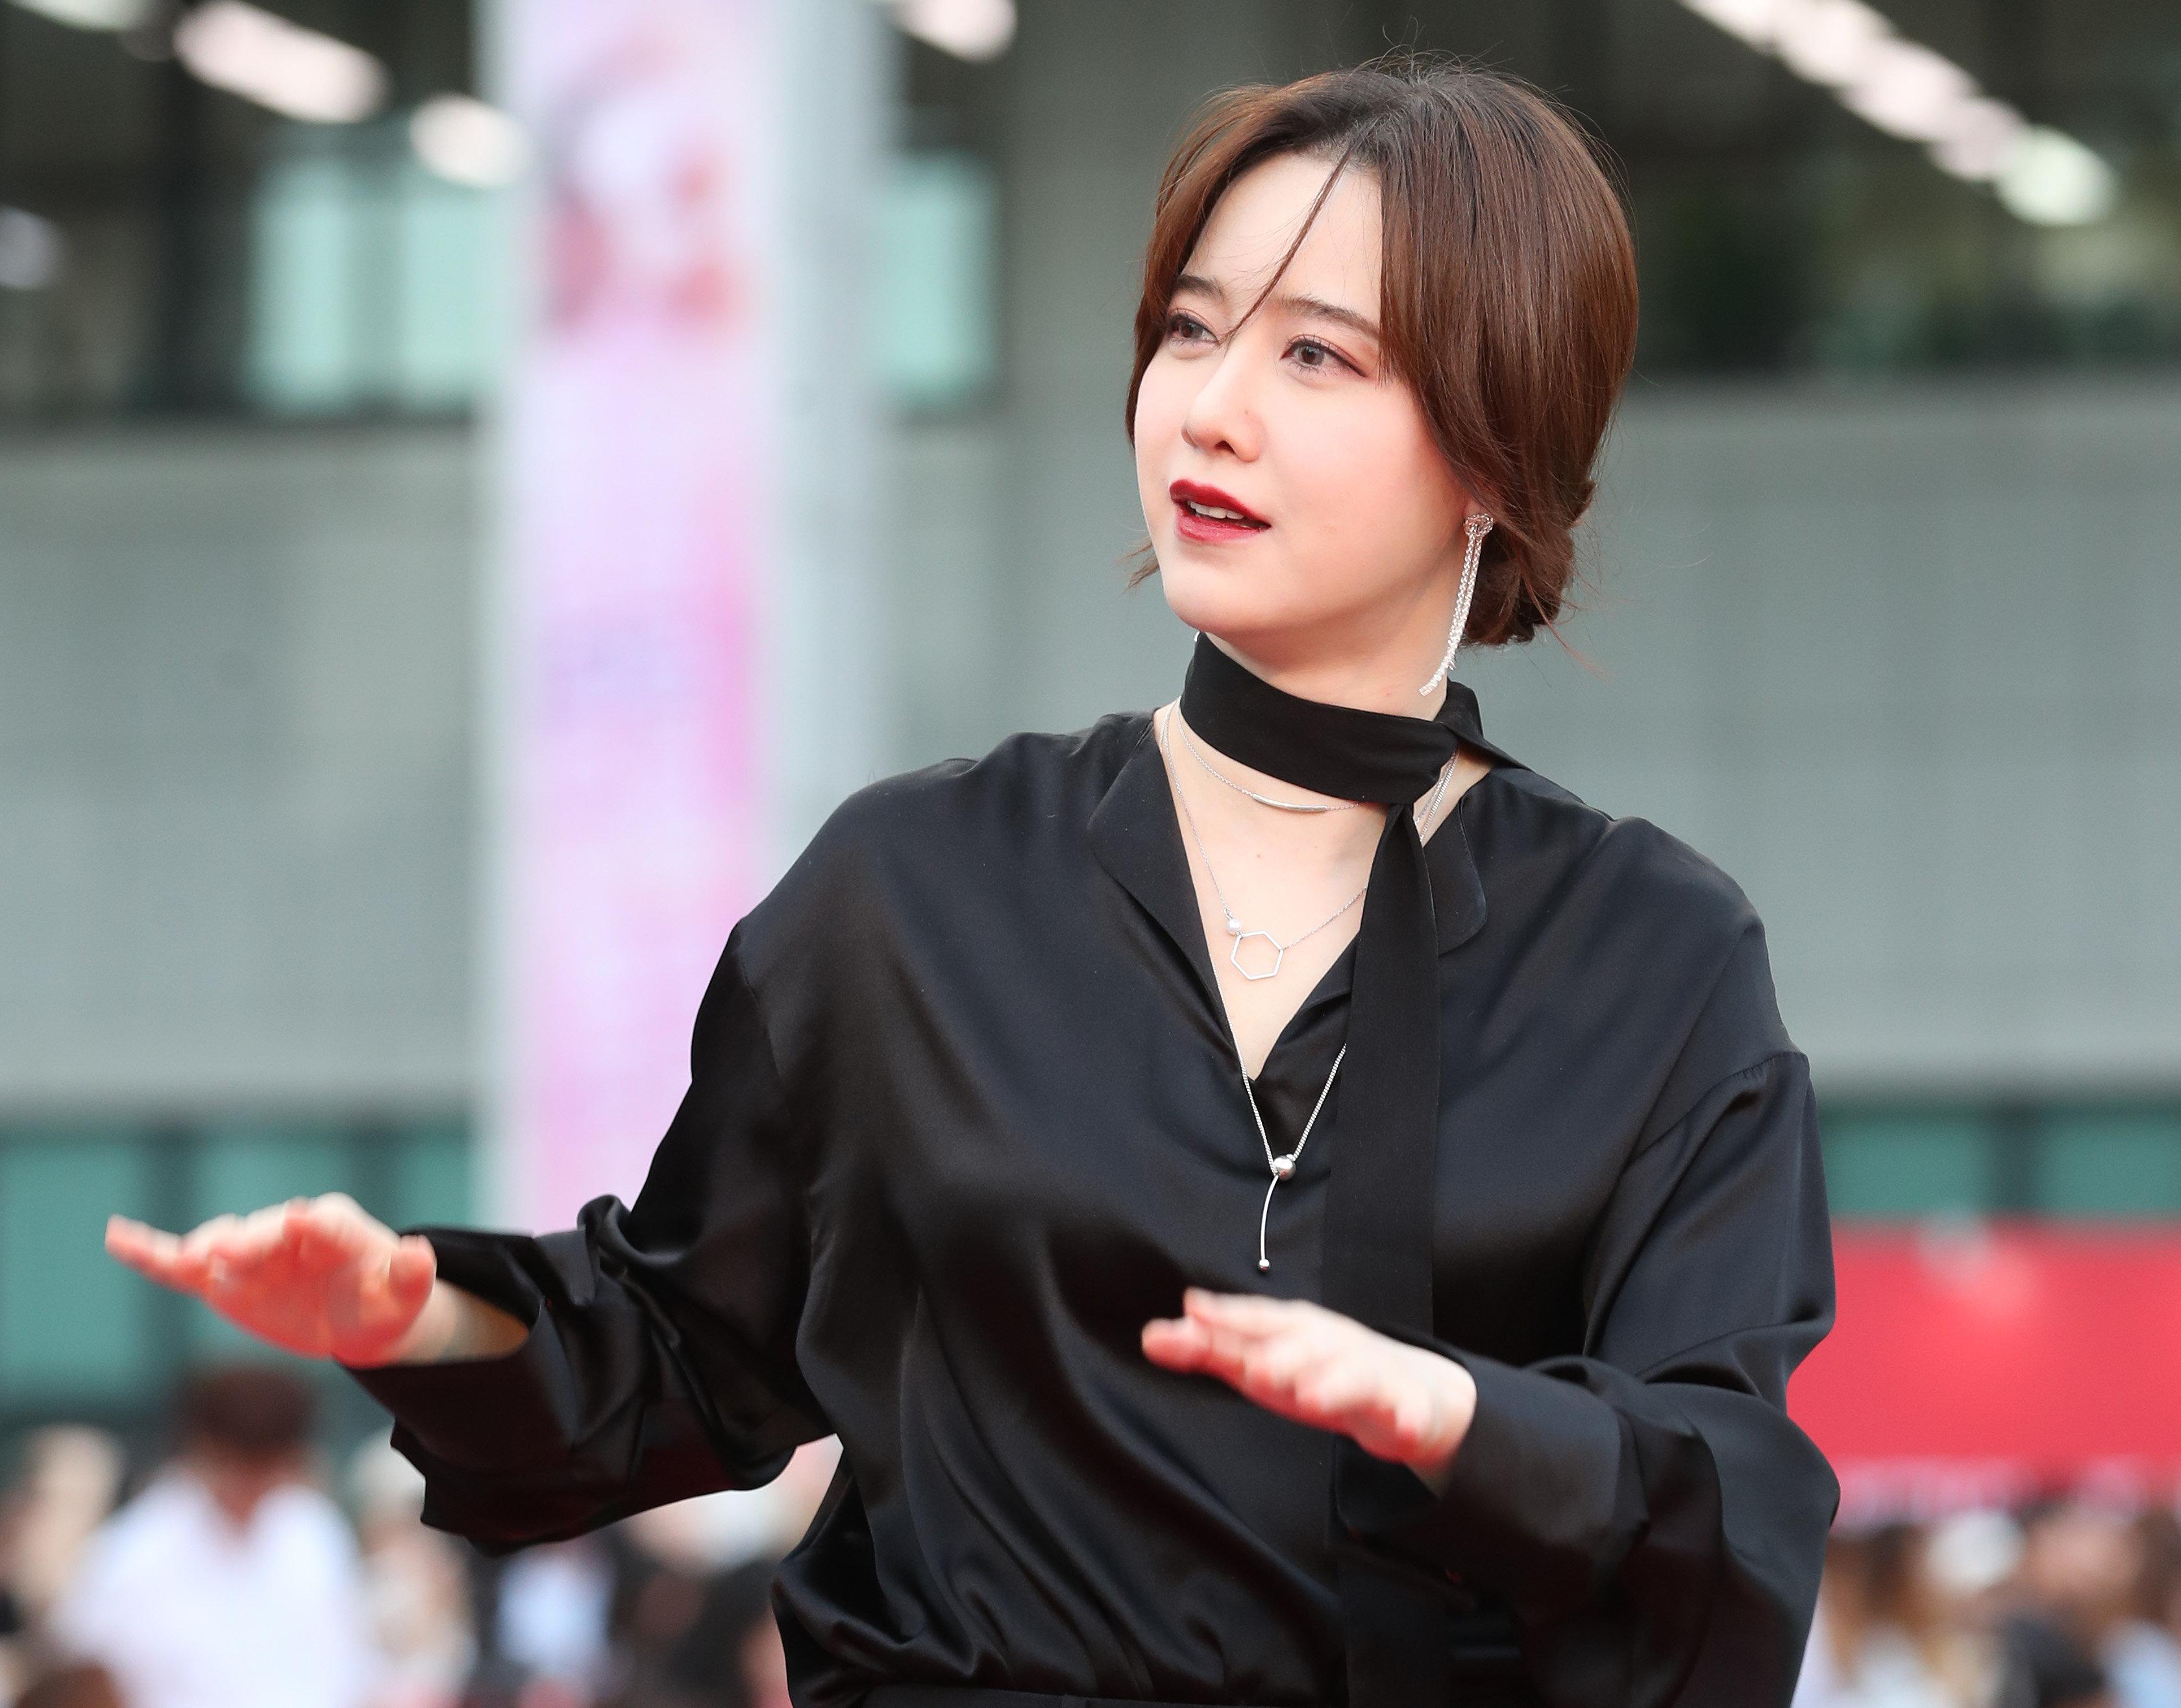 구혜선이 인터넷에서 불거진 '임신설·성형설'에 직접 밝힌